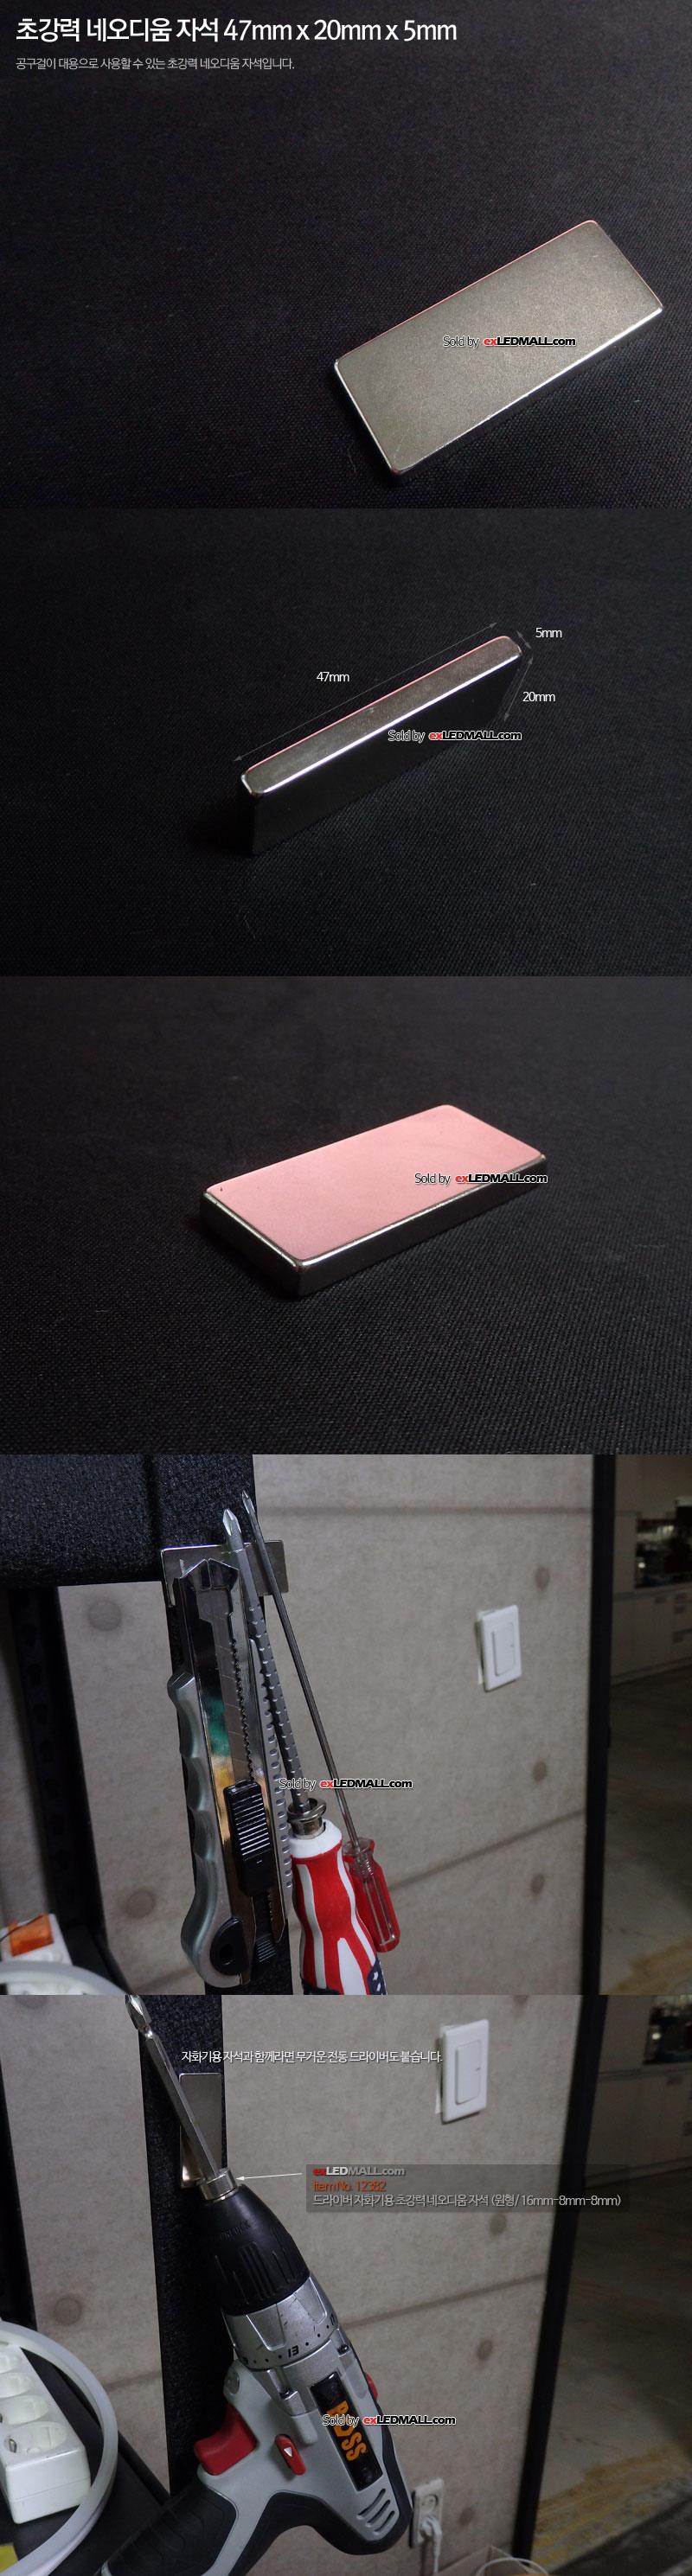 공구걸이 대용 초강력 네오디움 자석 (직사각형/47x20x5mm)